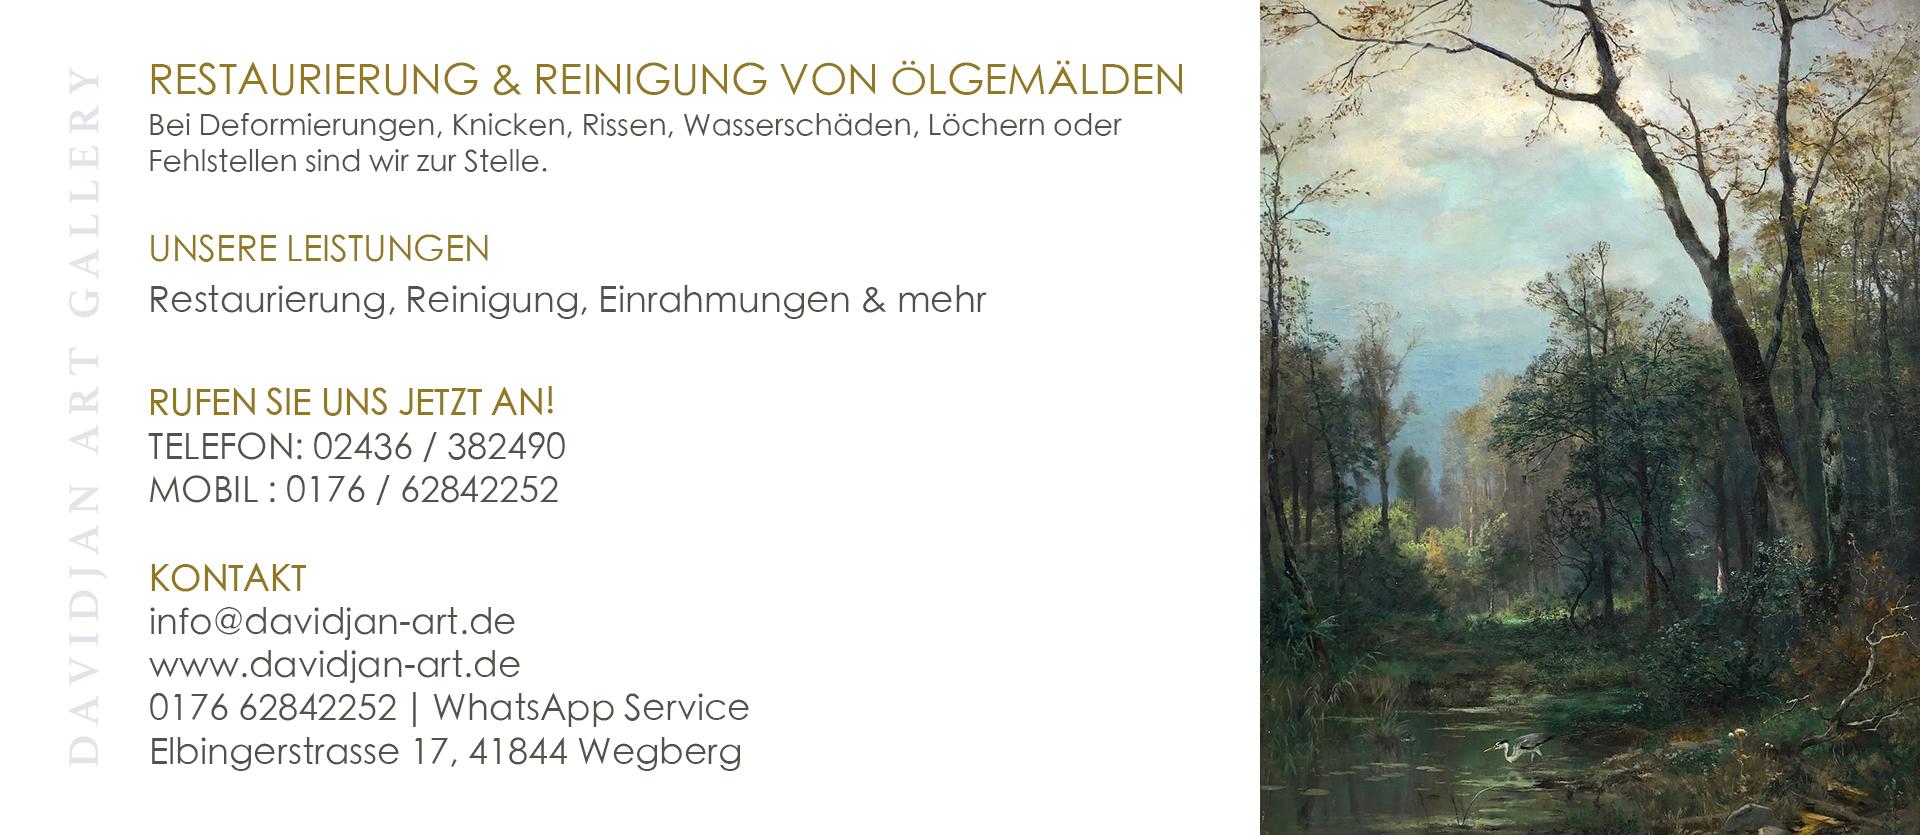 Restaurierung von Ölgemälden in Heinsberg.